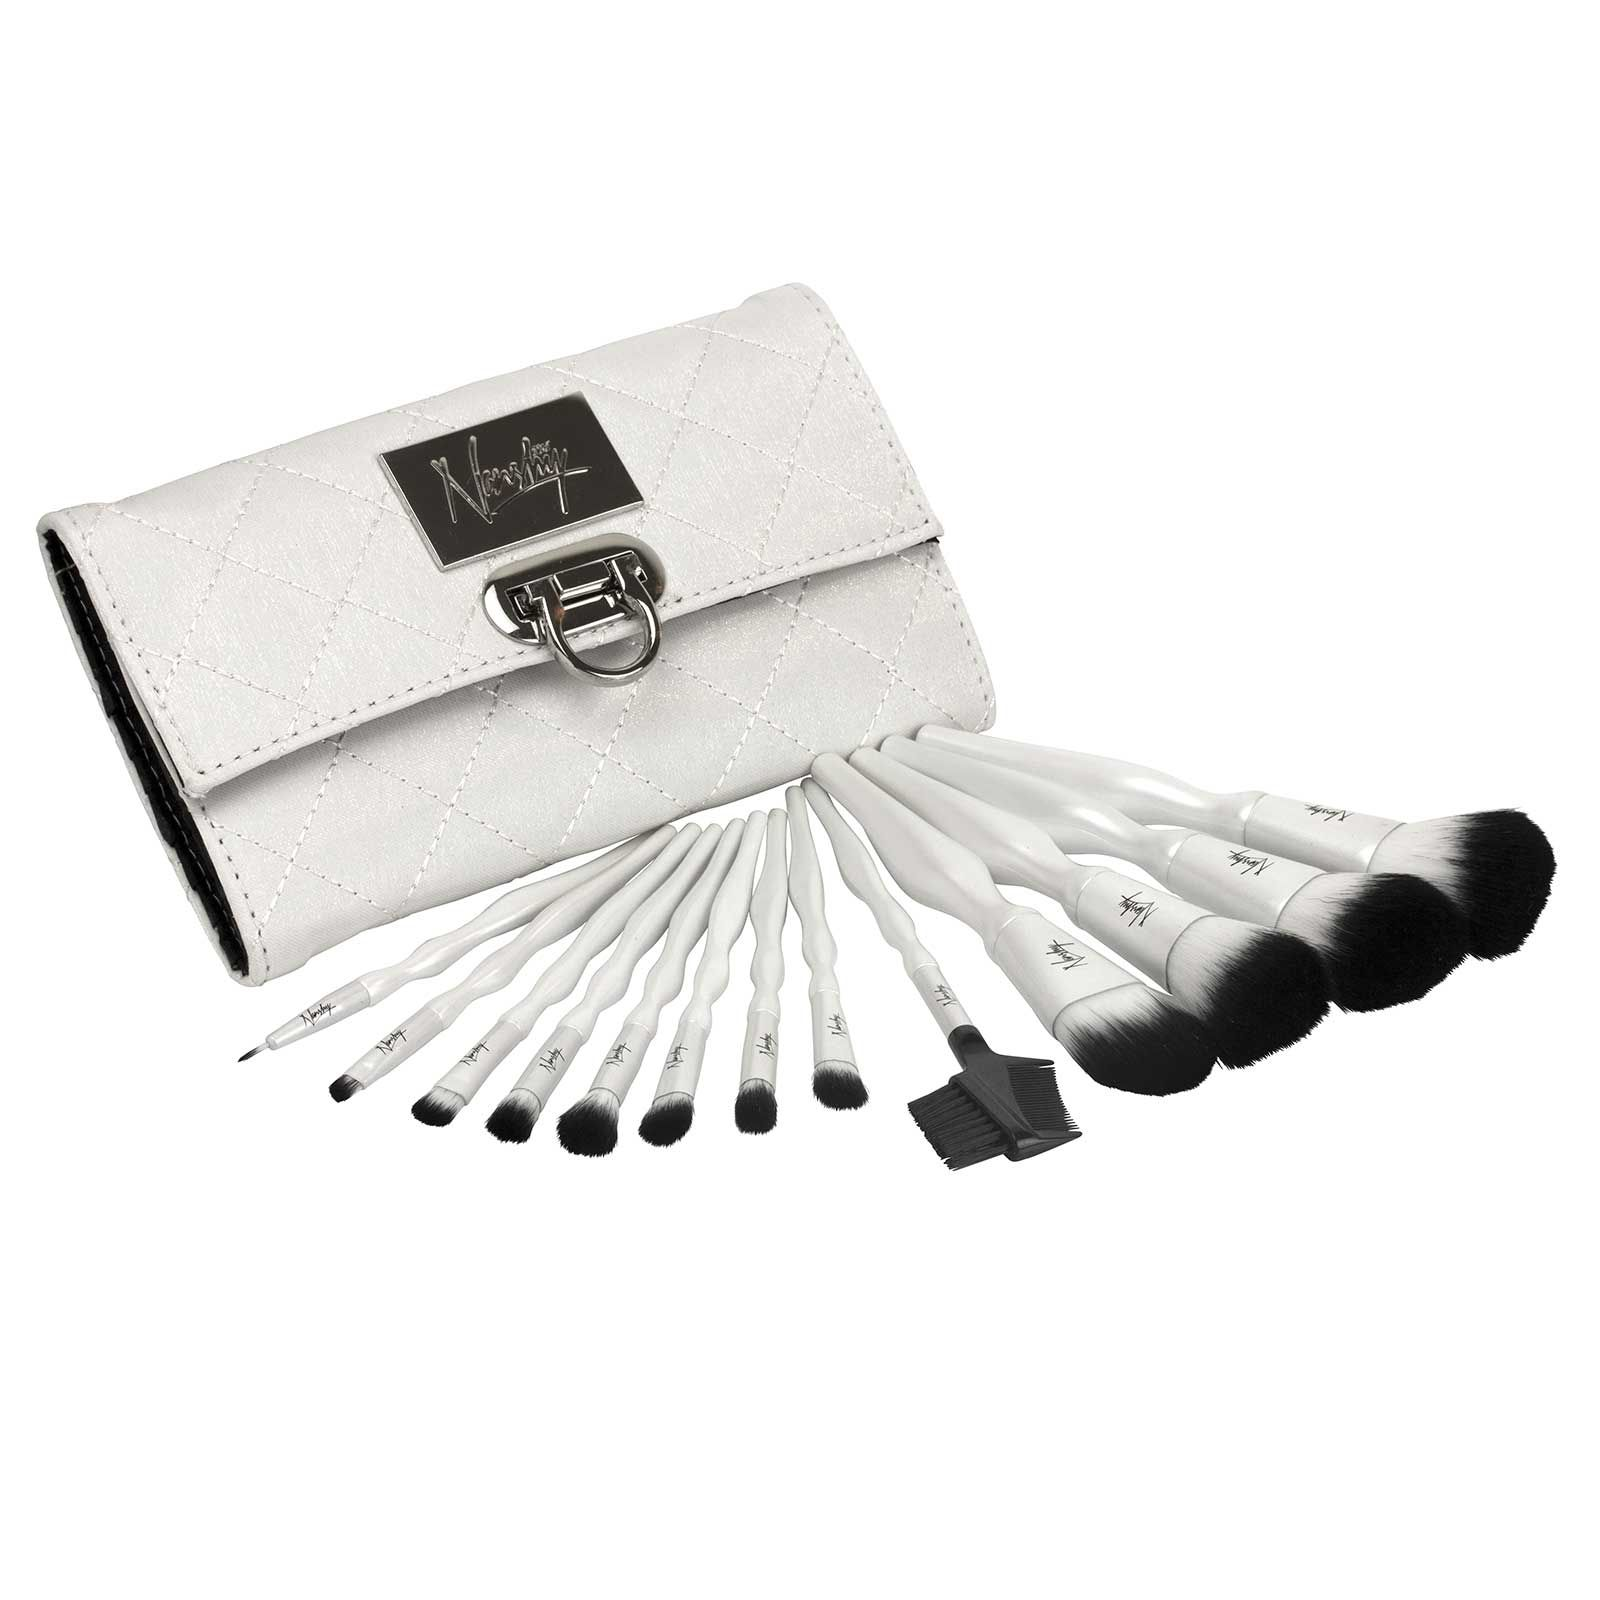 Nanshy Necessities Collection Vegan Makeup Brush Set